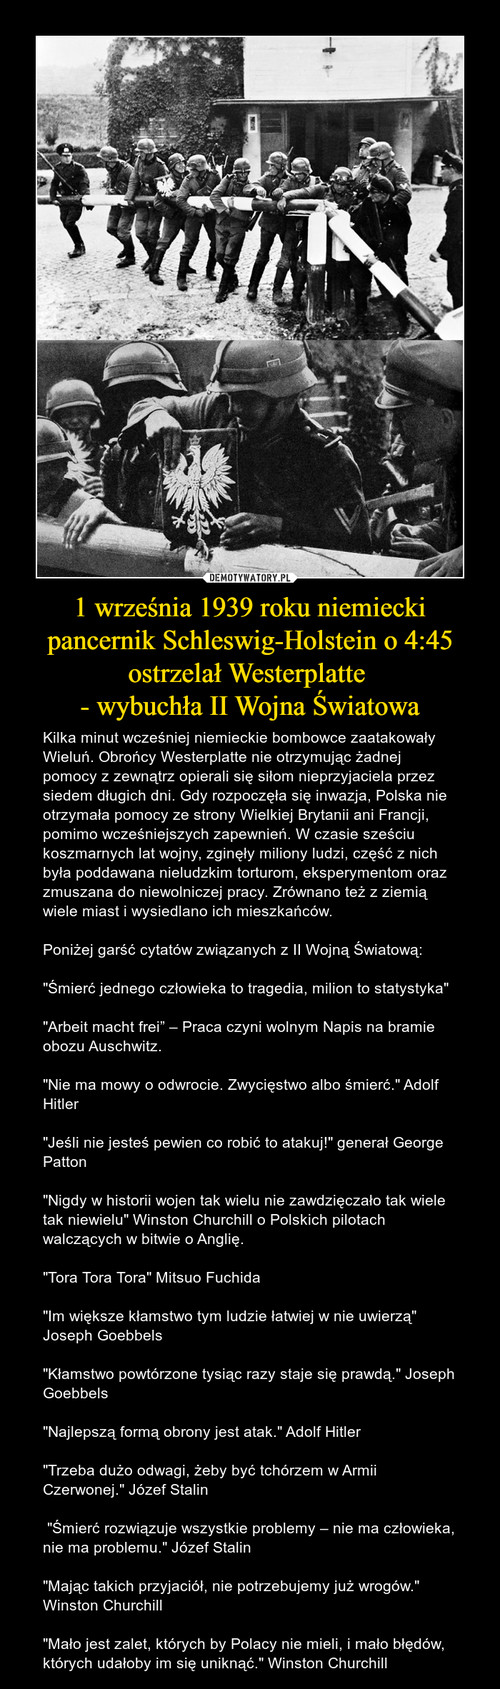 1 września 1939 roku niemiecki pancernik Schleswig-Holstein o 4:45 ostrzelał Westerplatte  - wybuchła II Wojna Światowa